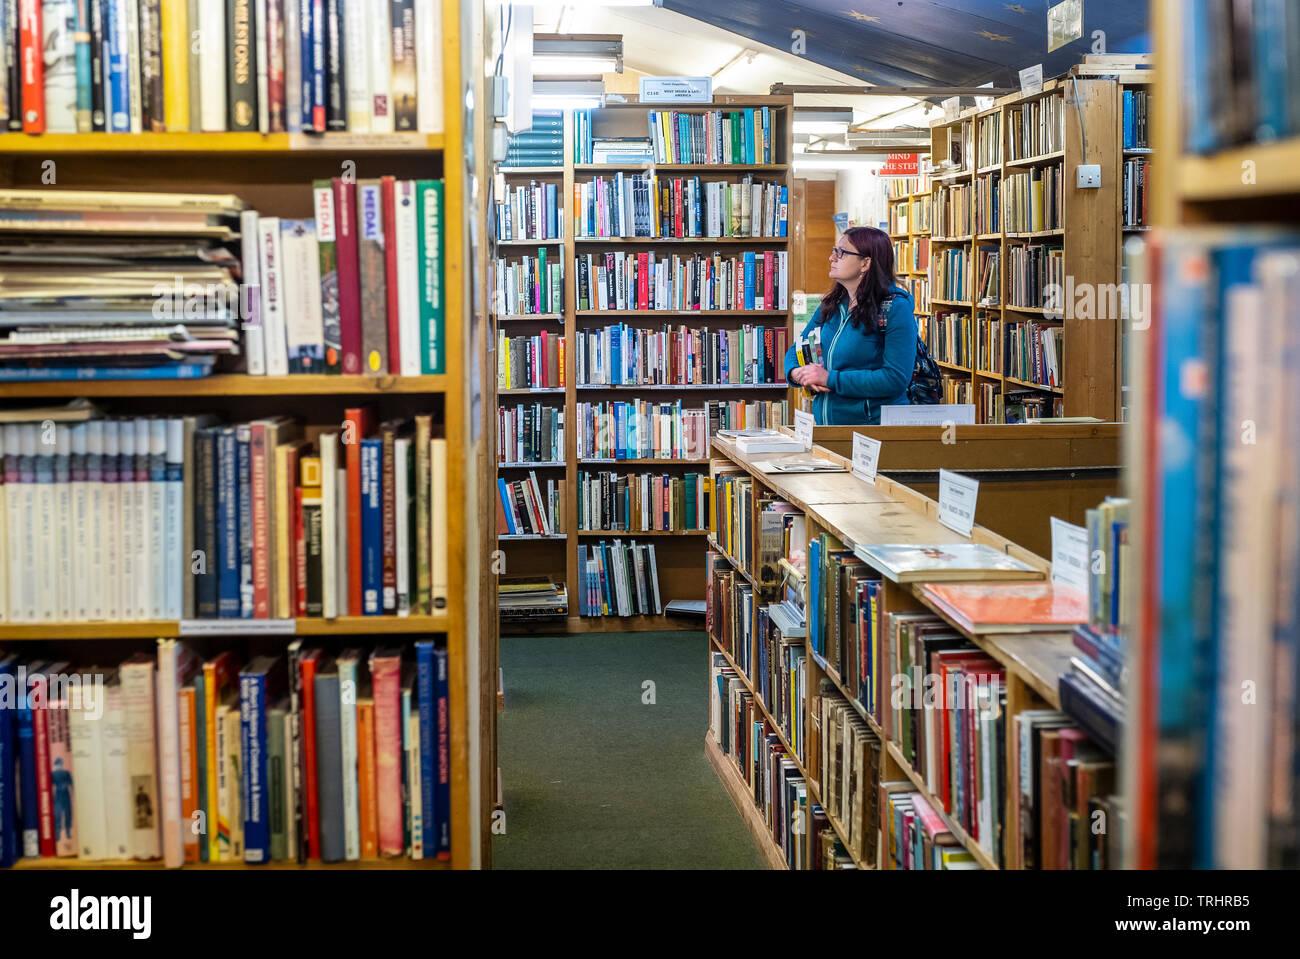 Hay Cinema bookshop, Hay on Wye, Wales - Stock Image